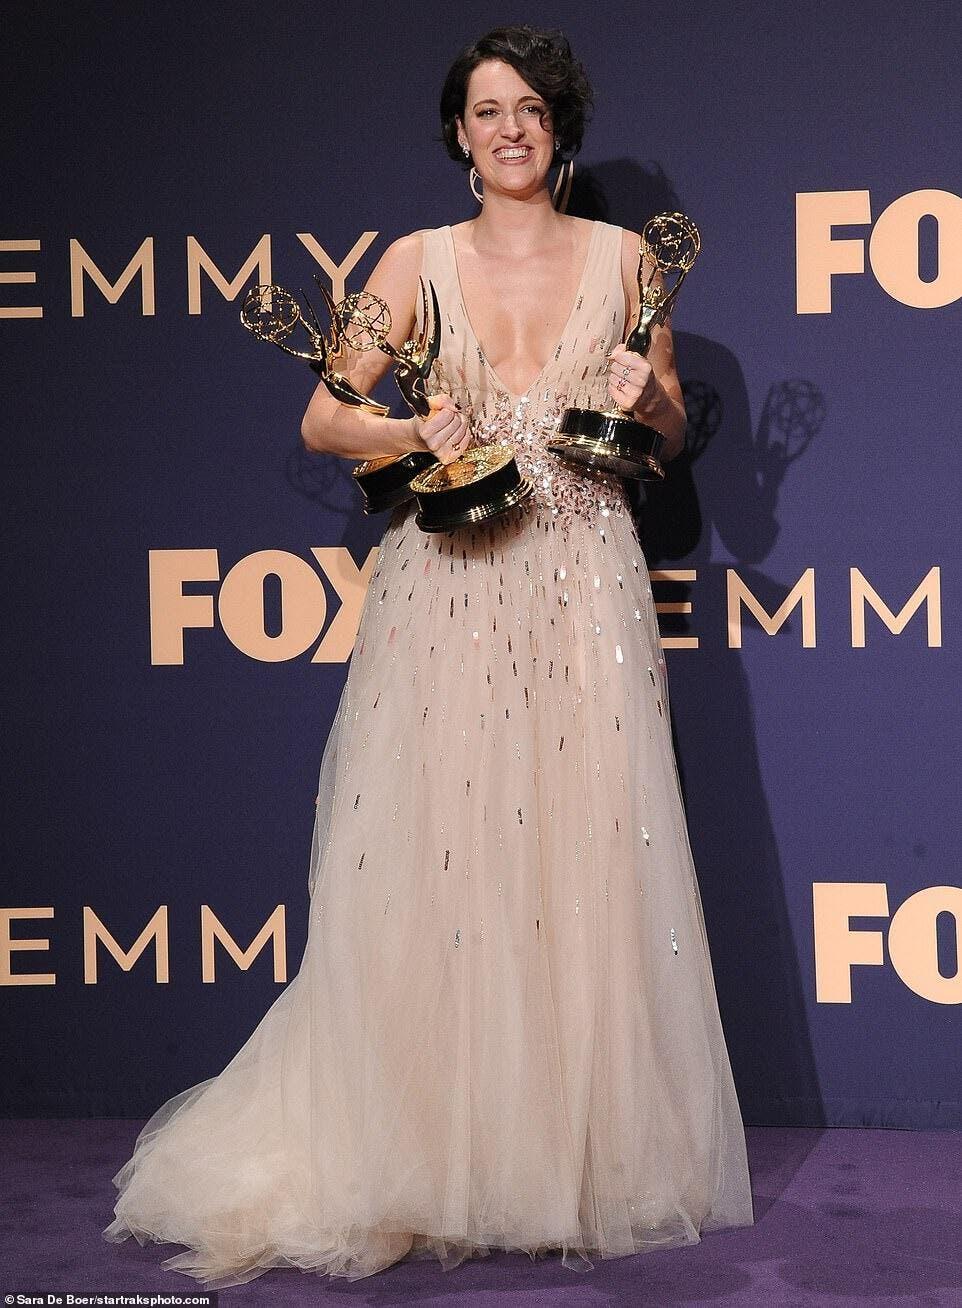 Phoebe Louis Dreyfus: Emmys 2019: Phoebe Waller-Bridge Takes Home Three Gong At